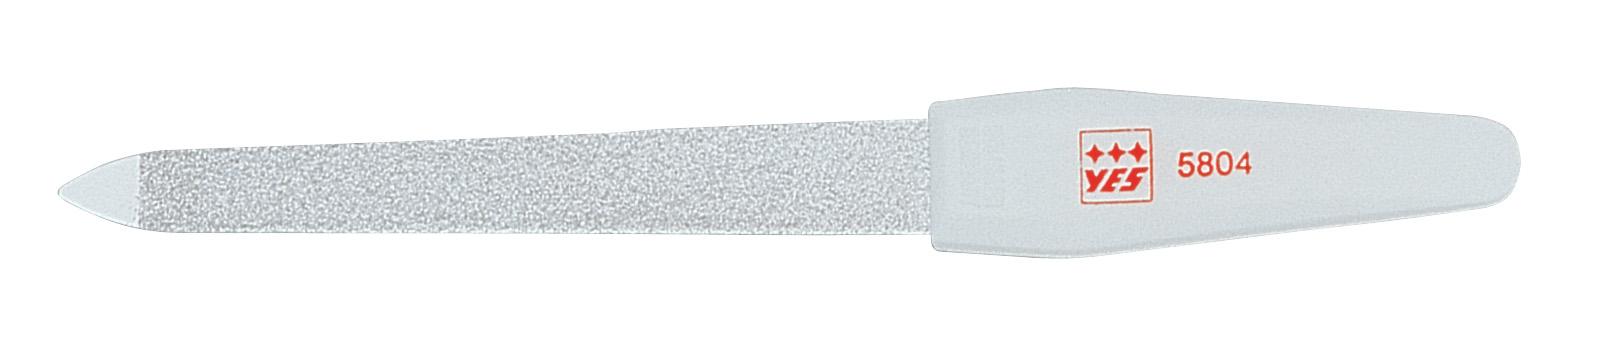 Becker-Manicure YES Пилочка 13см. 9580495804Пилочка для ногтей изготовлена из высокоуглеродистой стали. Пилочка имеет двухстороннее сапфировое напыление: более крупное с одной стороны для формирования формы и мелкое с другой для завершения шлифовки ногтя. Длина пилочки 13 см. В блистерной упаковке. Хранить в сухом недоступном для детей месте. Замена изделия не осуществляется в следующих случаях: - Использование не по назначению - Самостоятельный ремонт - Нарушение условий хранения